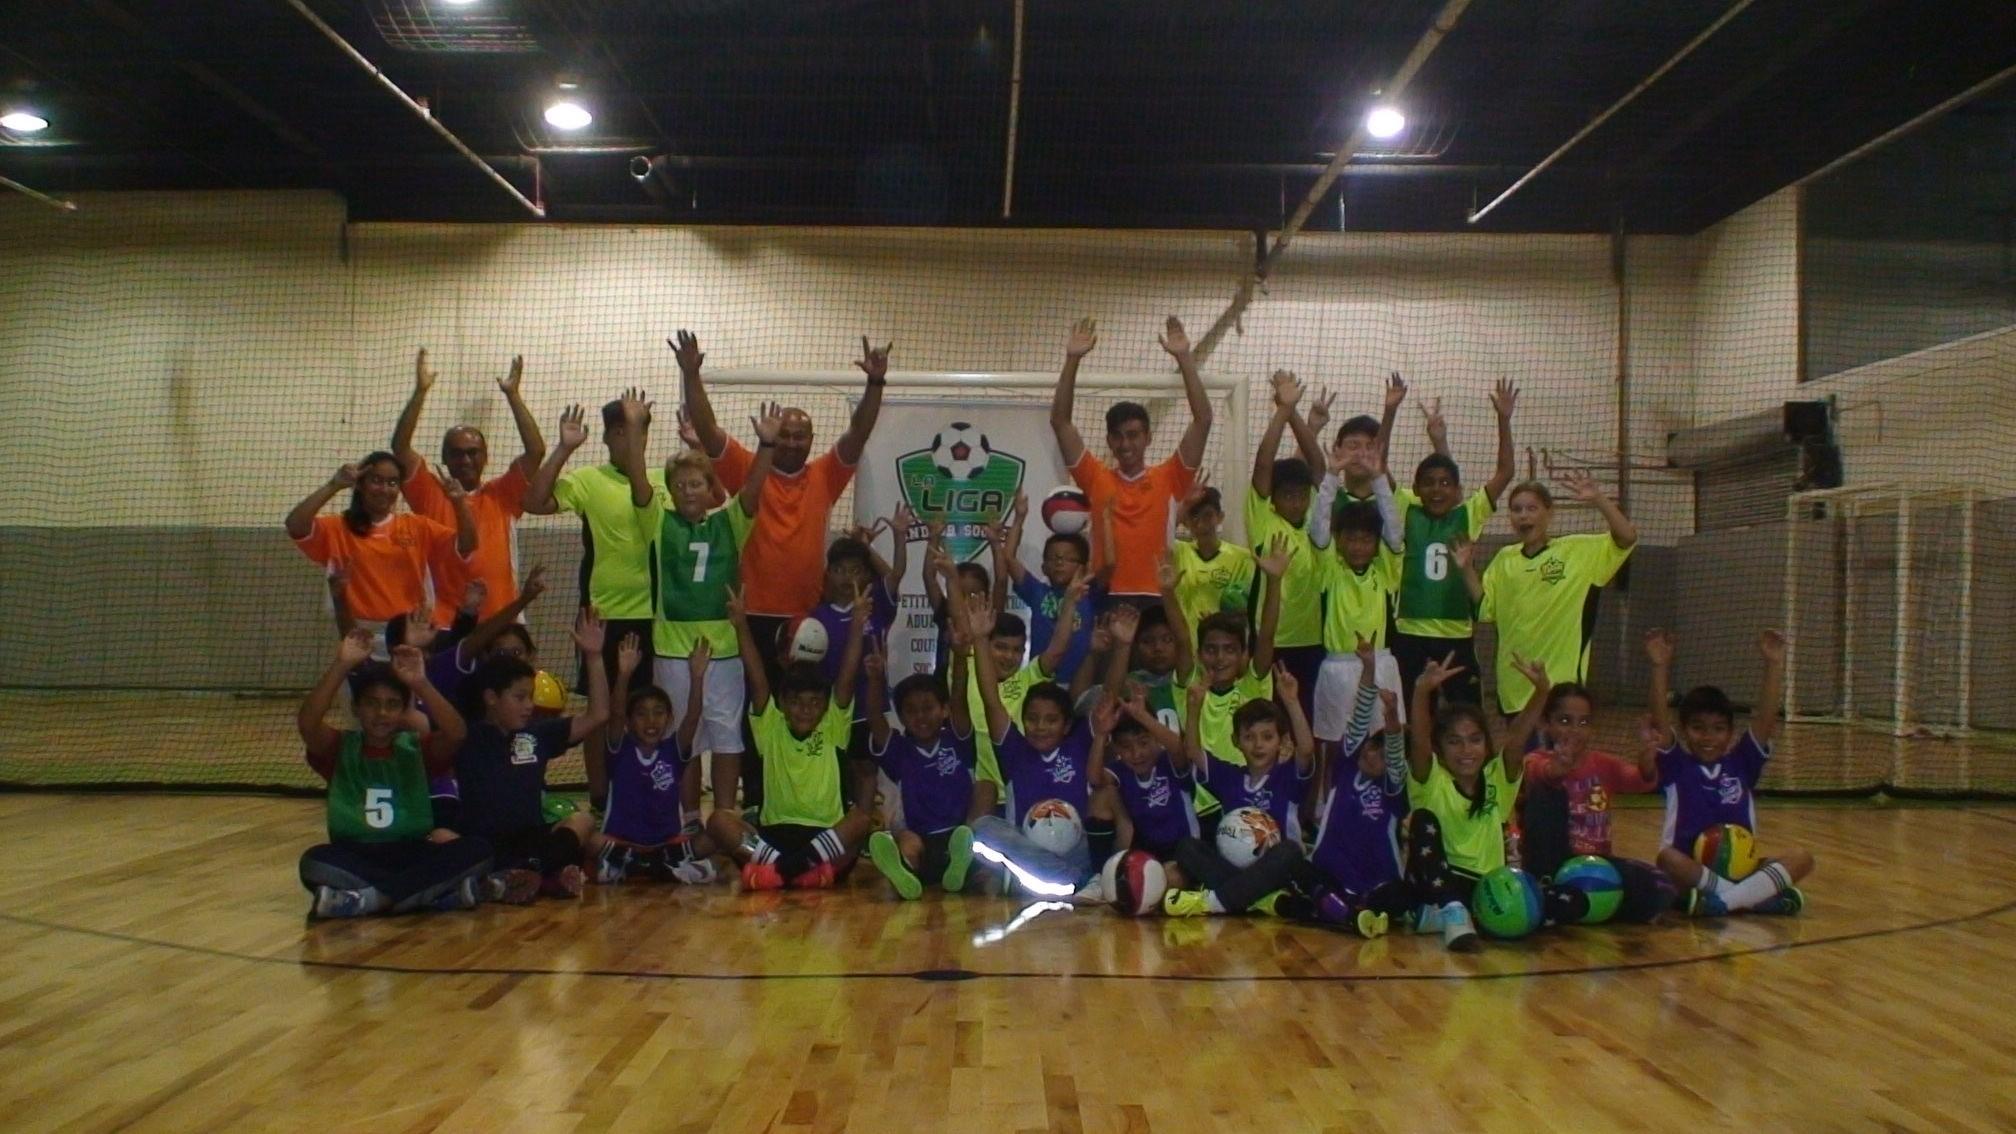 La Liga Toronto Futsal Kids Clinic Fever indoor soccer.JPG